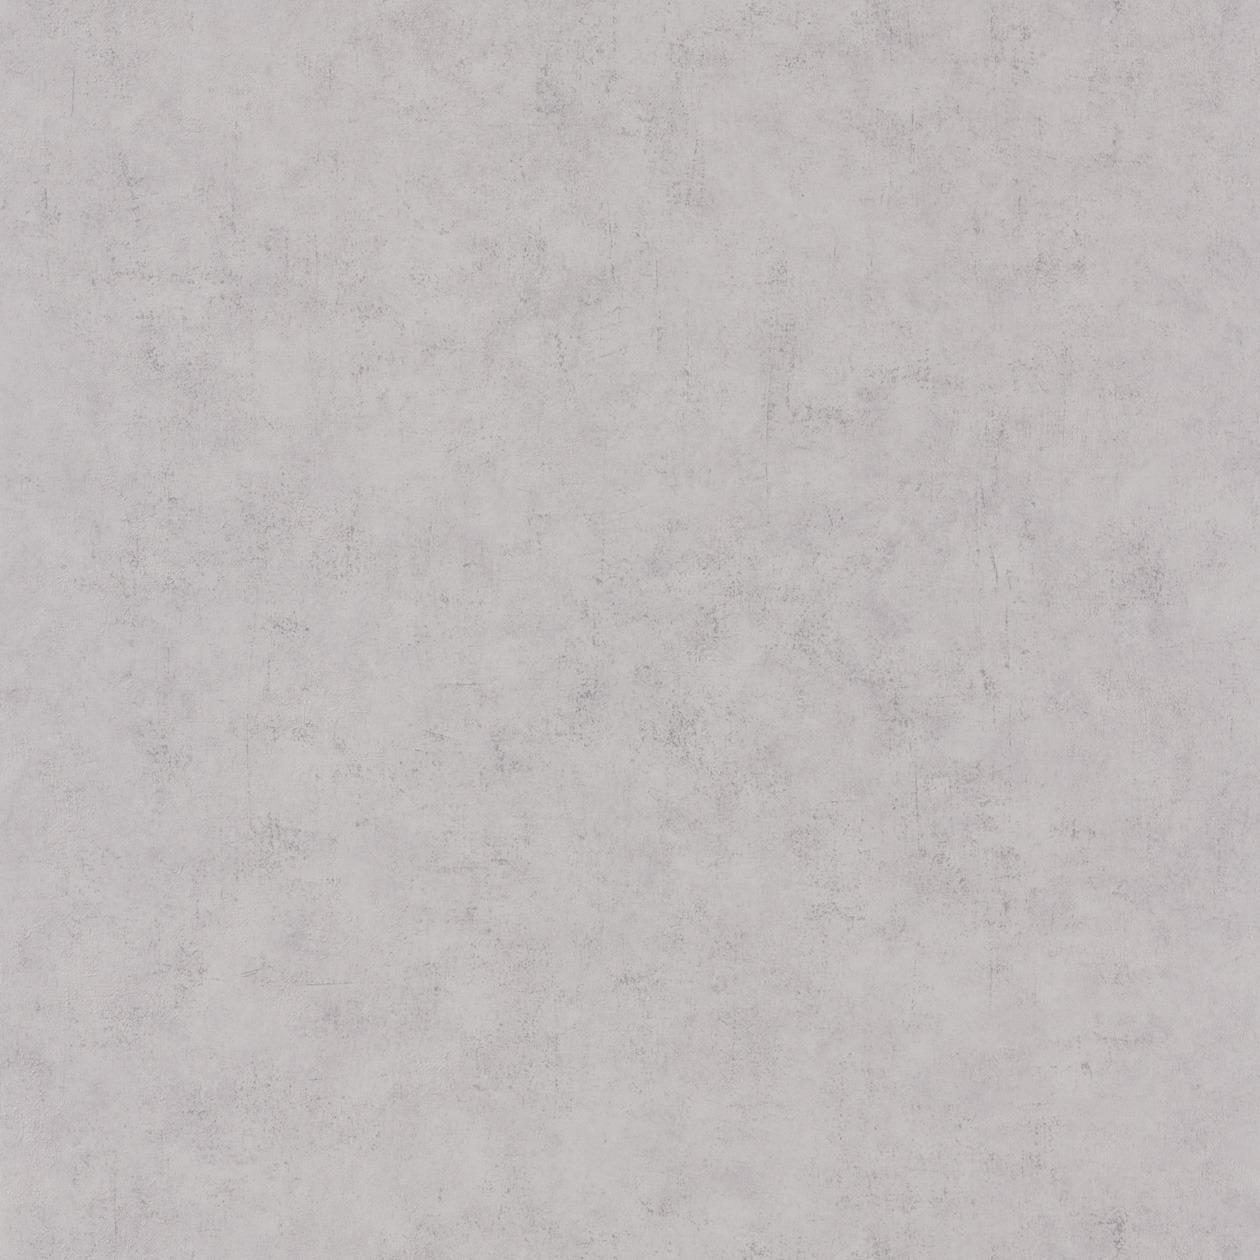 Обои Caselio Beton 0,53 см. 101489460